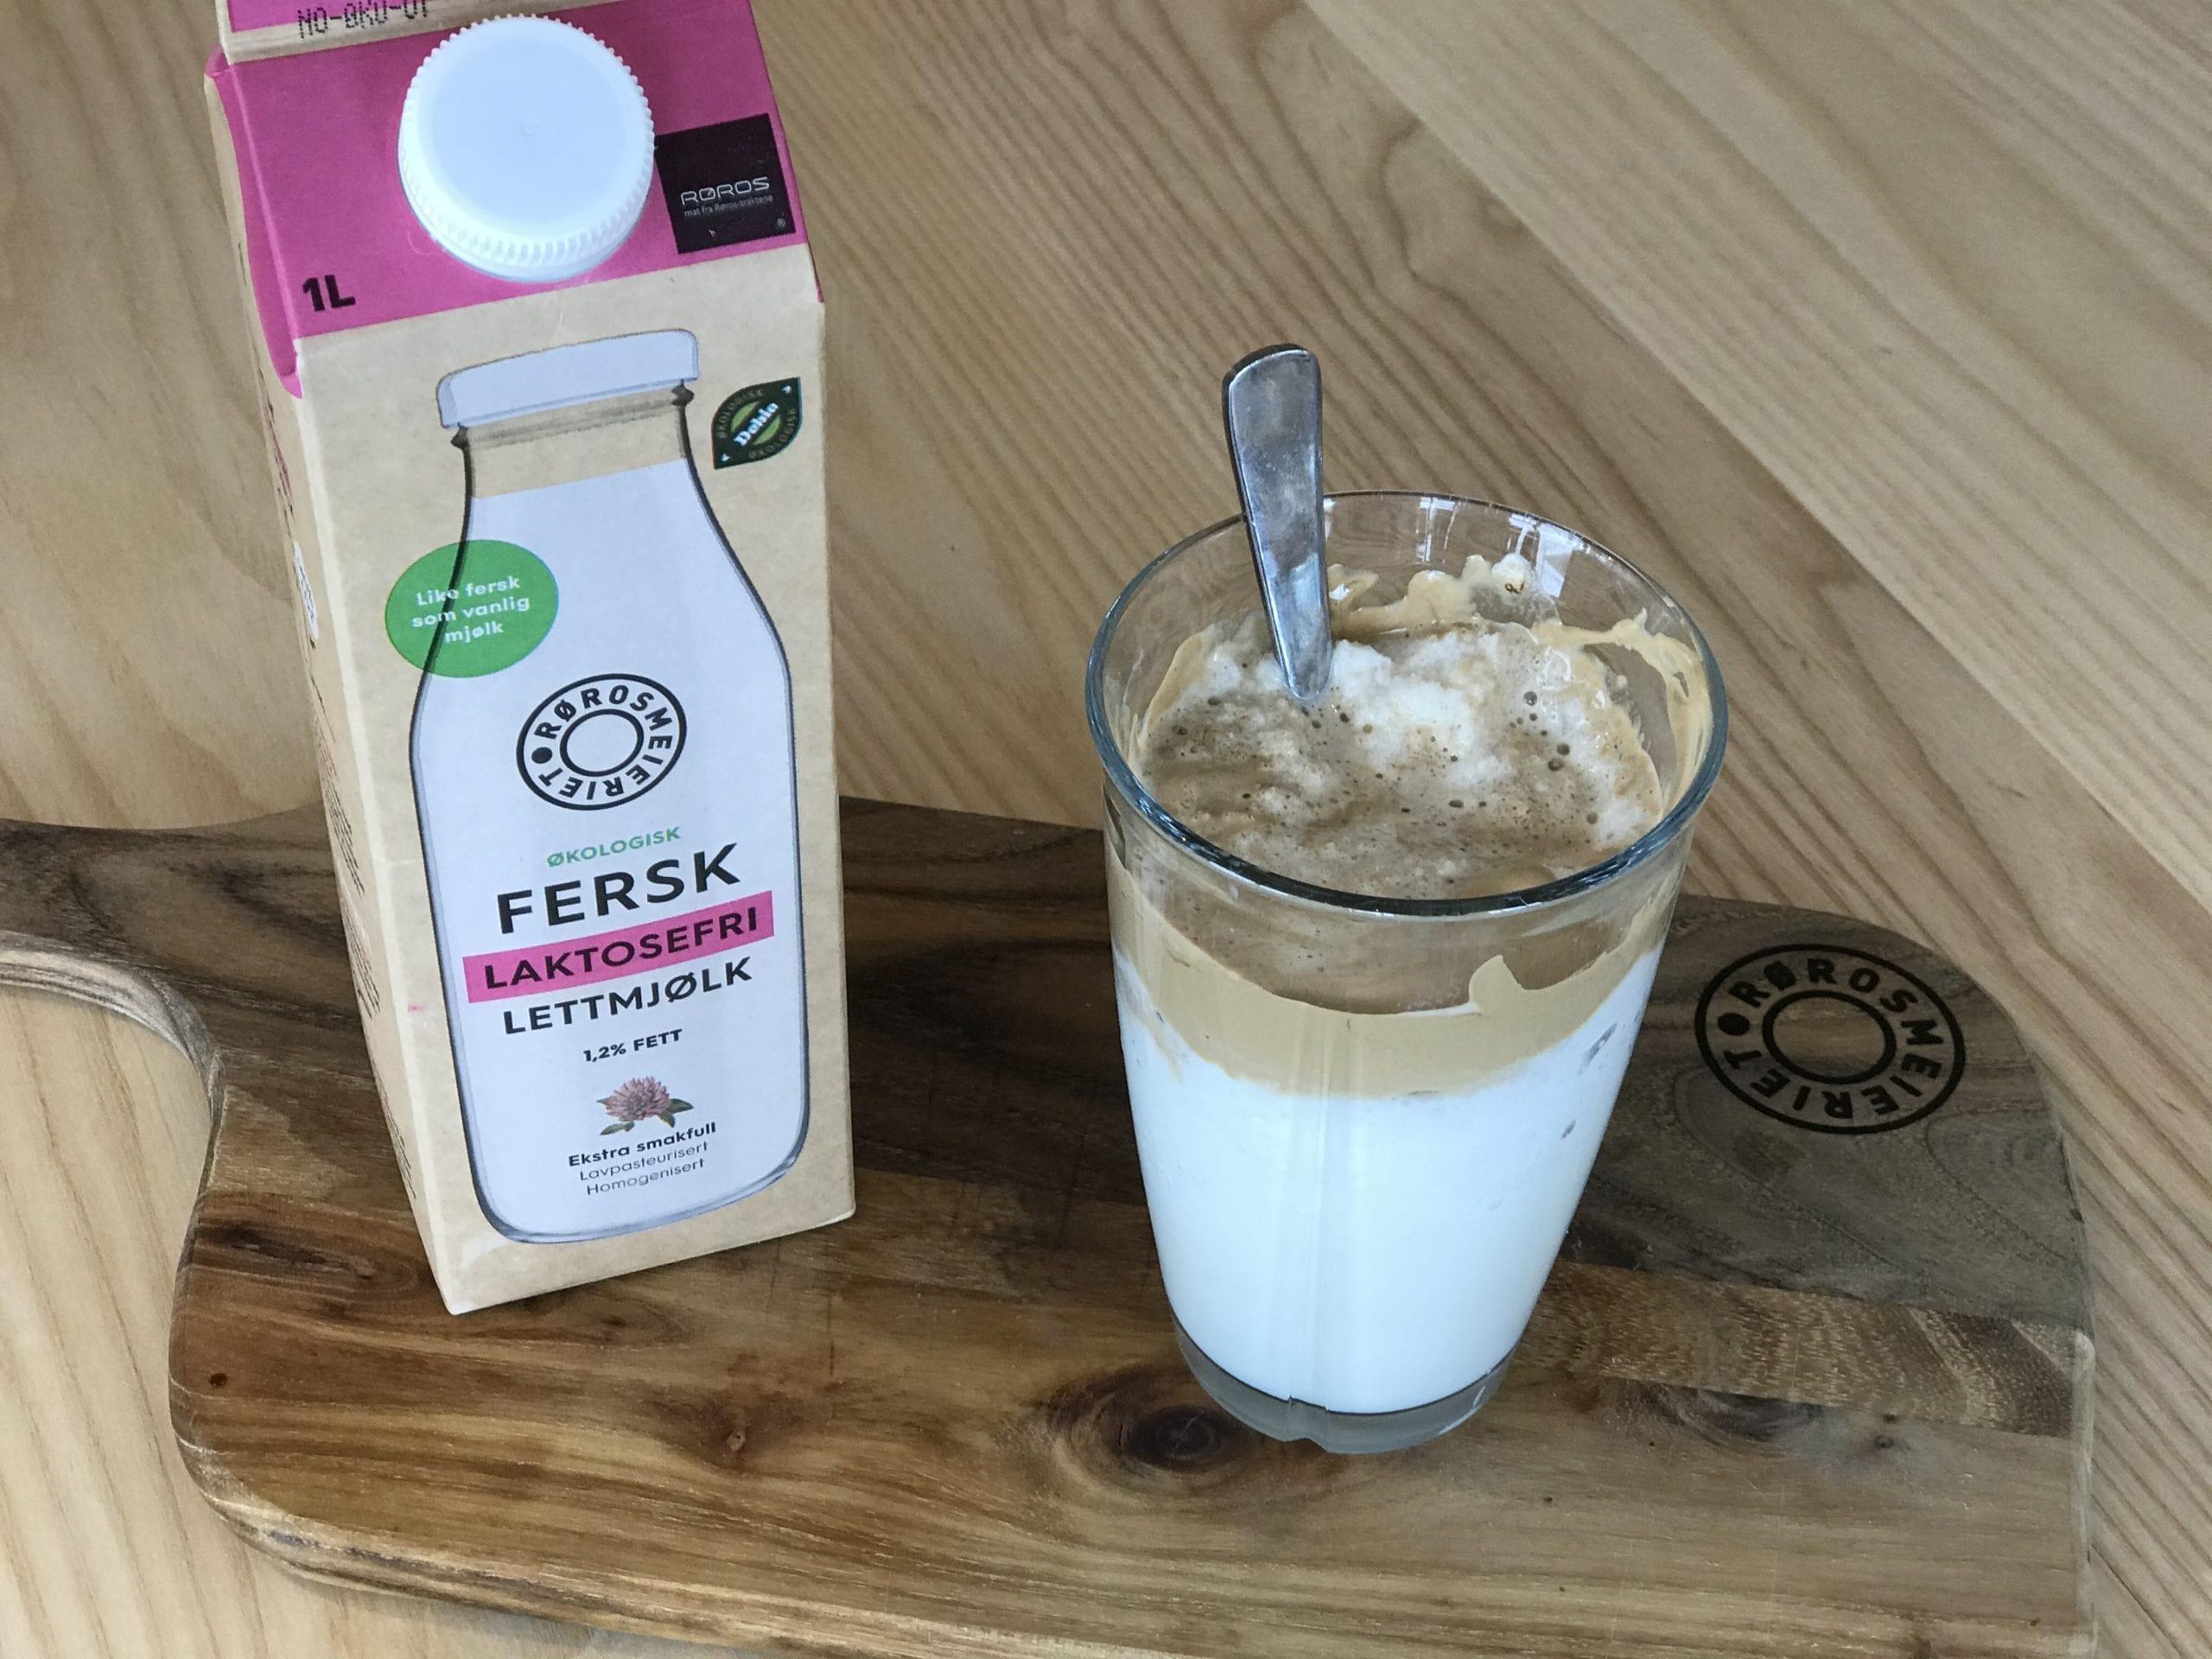 Frappe med Laktosefri lettmjølk fra Rørosmeieriet